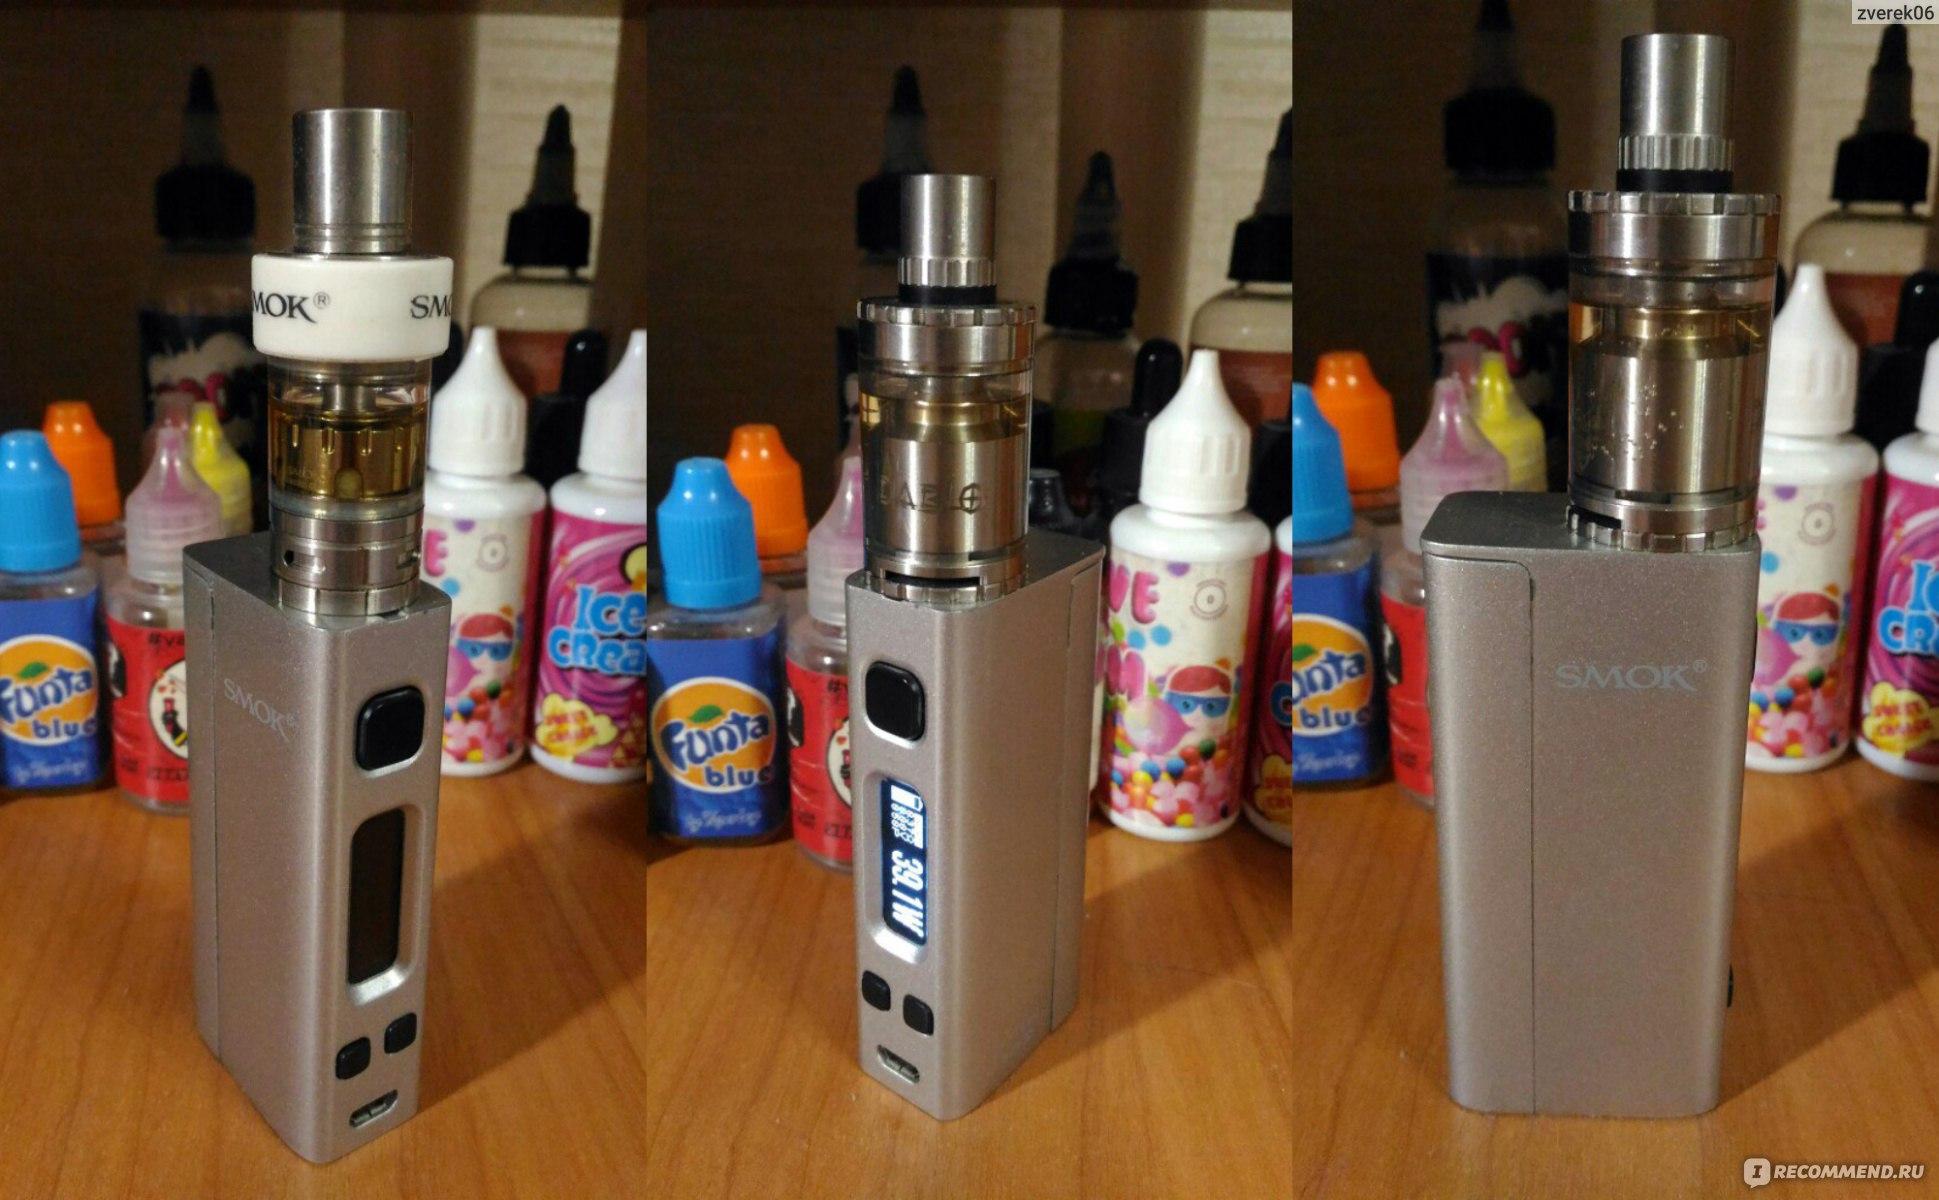 Бак электронная сигарета купить запрещена продажа табачных изделий лицам не достигшим 18 лет запрещена